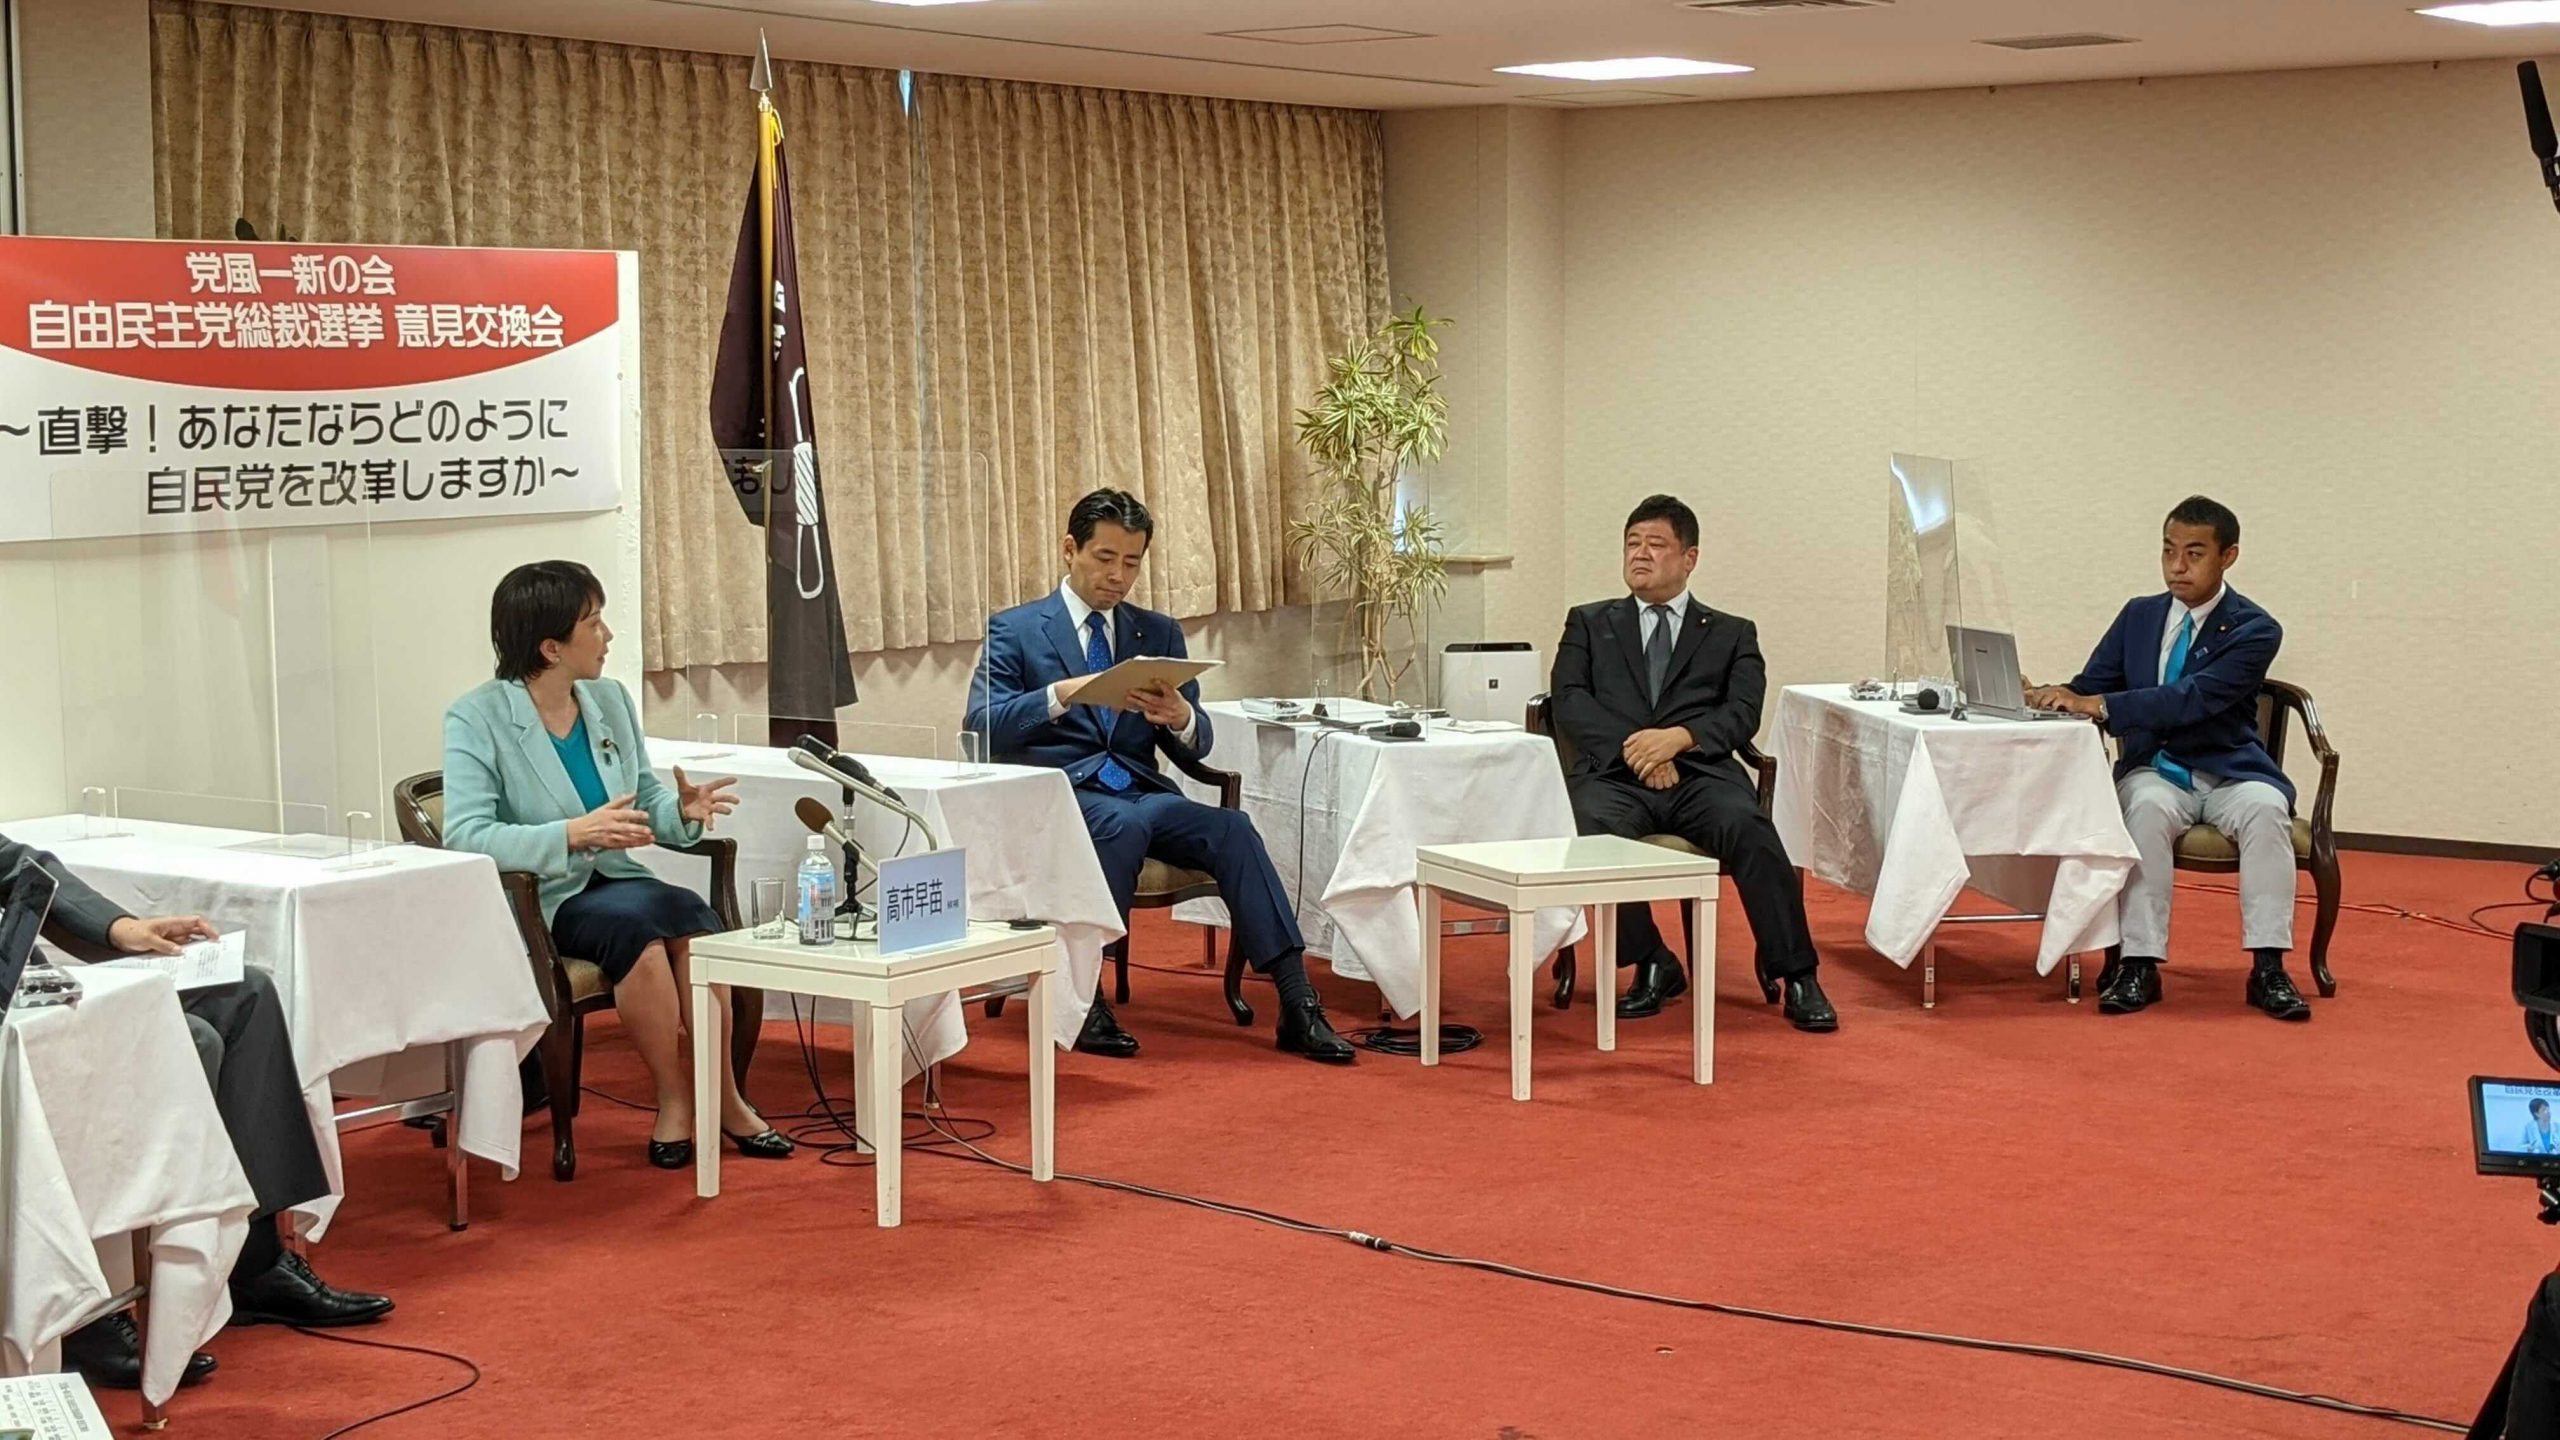 総裁選での意見交換会が開催されました。